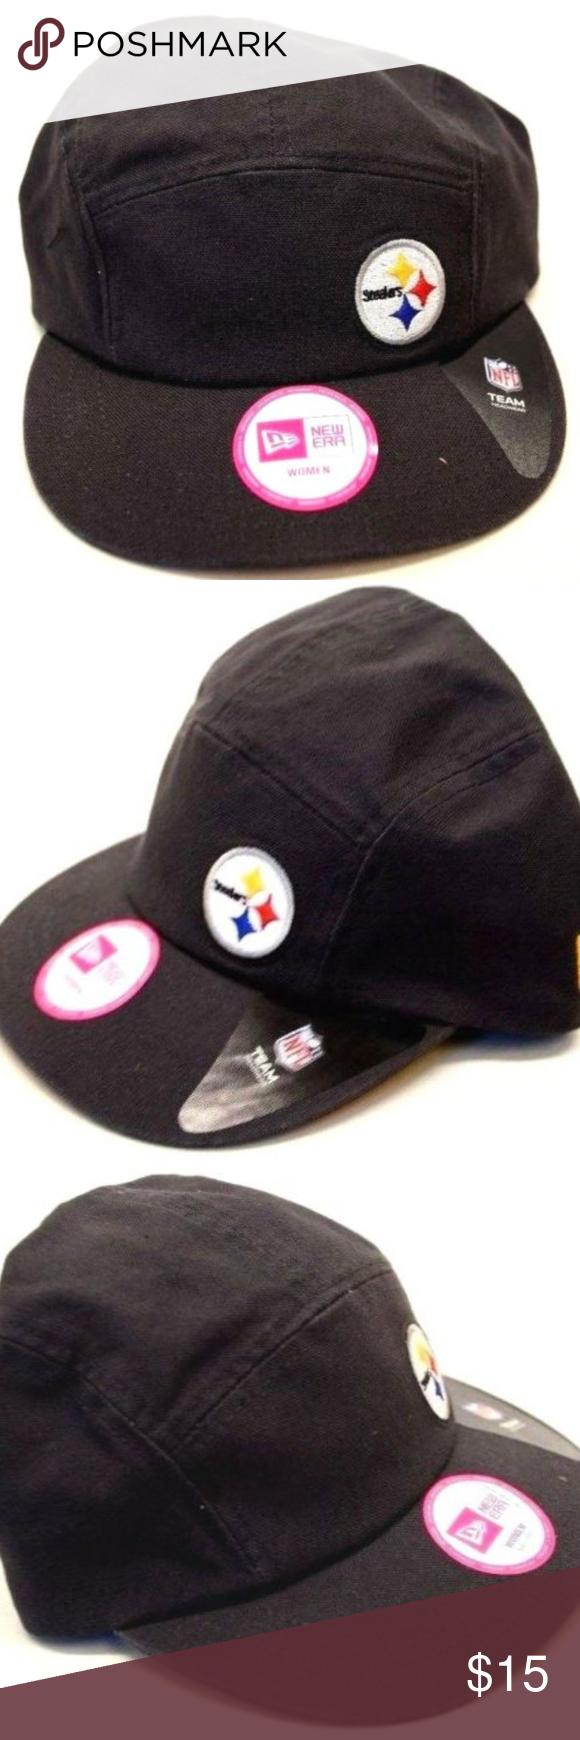 Women s New Era Pittsburgh Steelers Cadet Cap NEW!! Women s Pittsburgh  Steelers Military Strapback New Era Cap Brand  New Era Size  OSFM 100%  Authentic ... f916186e4